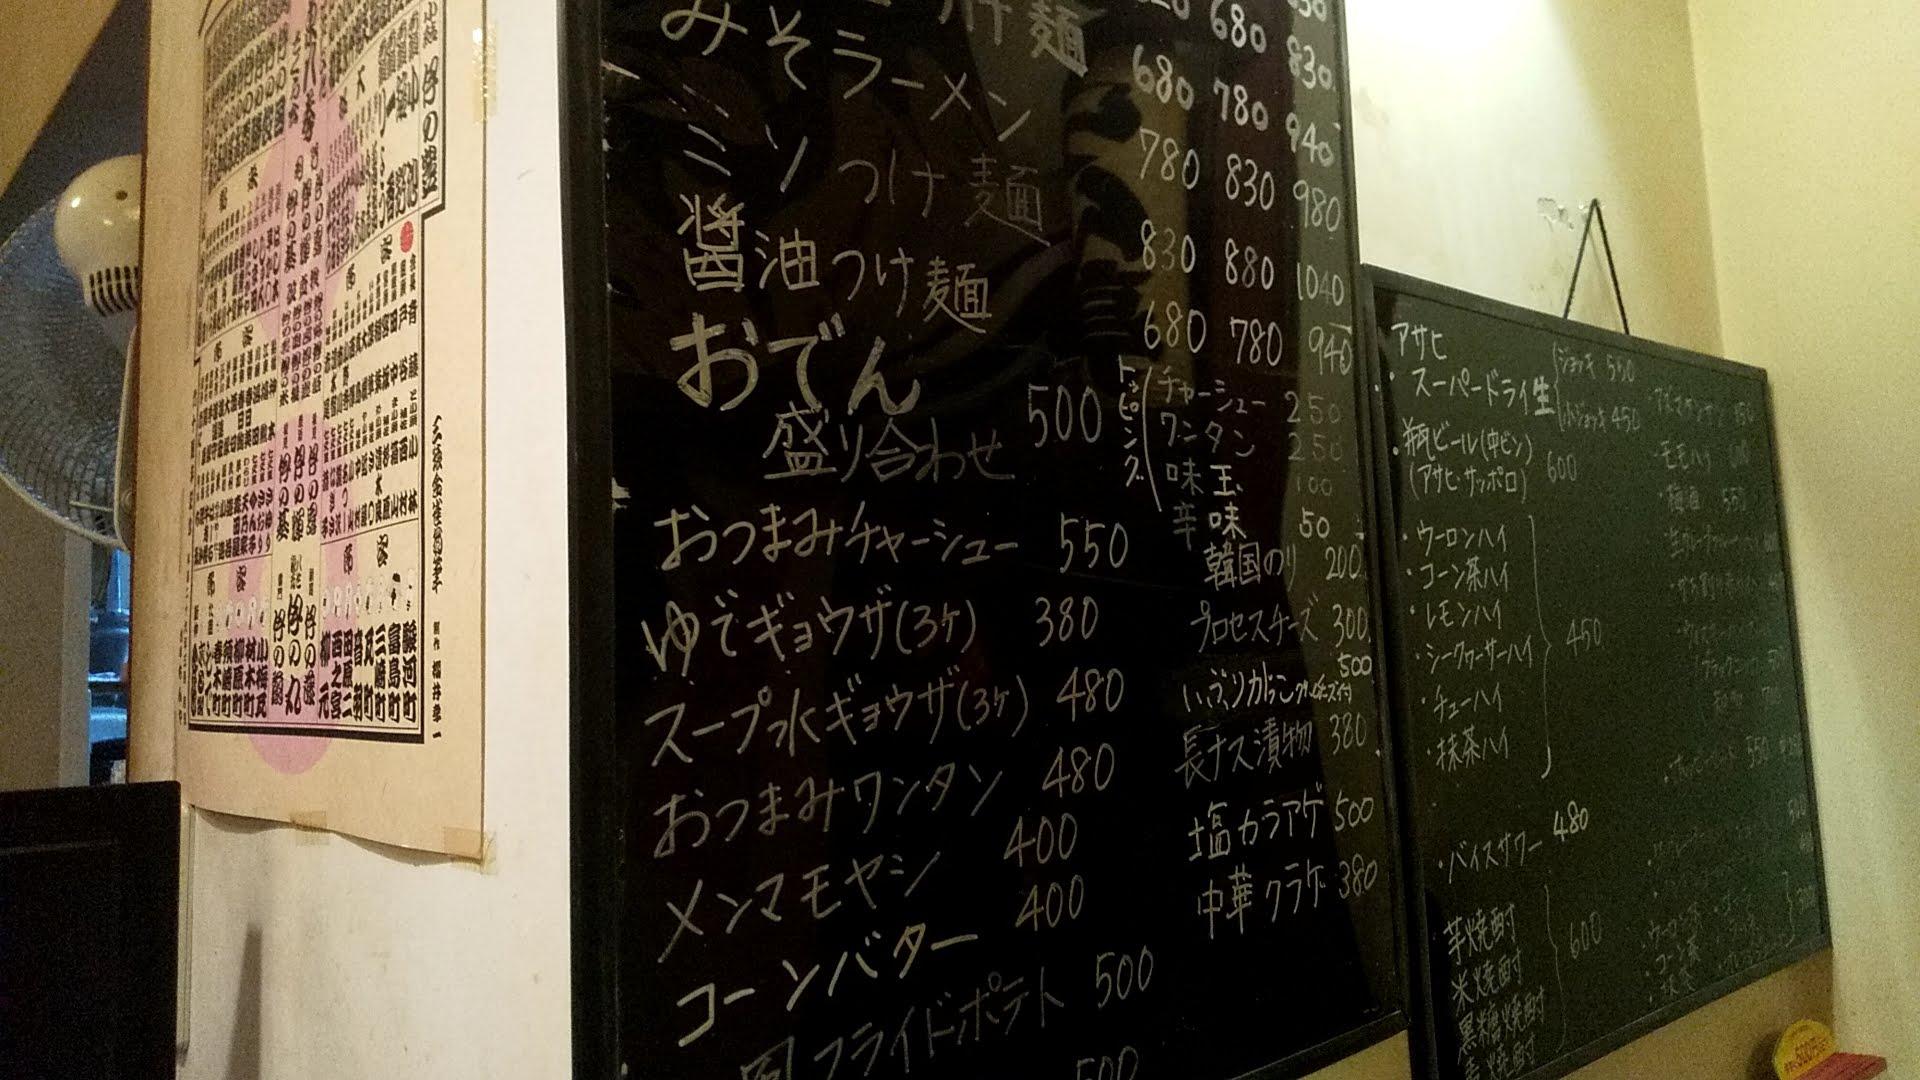 らん亭の店内のメニュー表